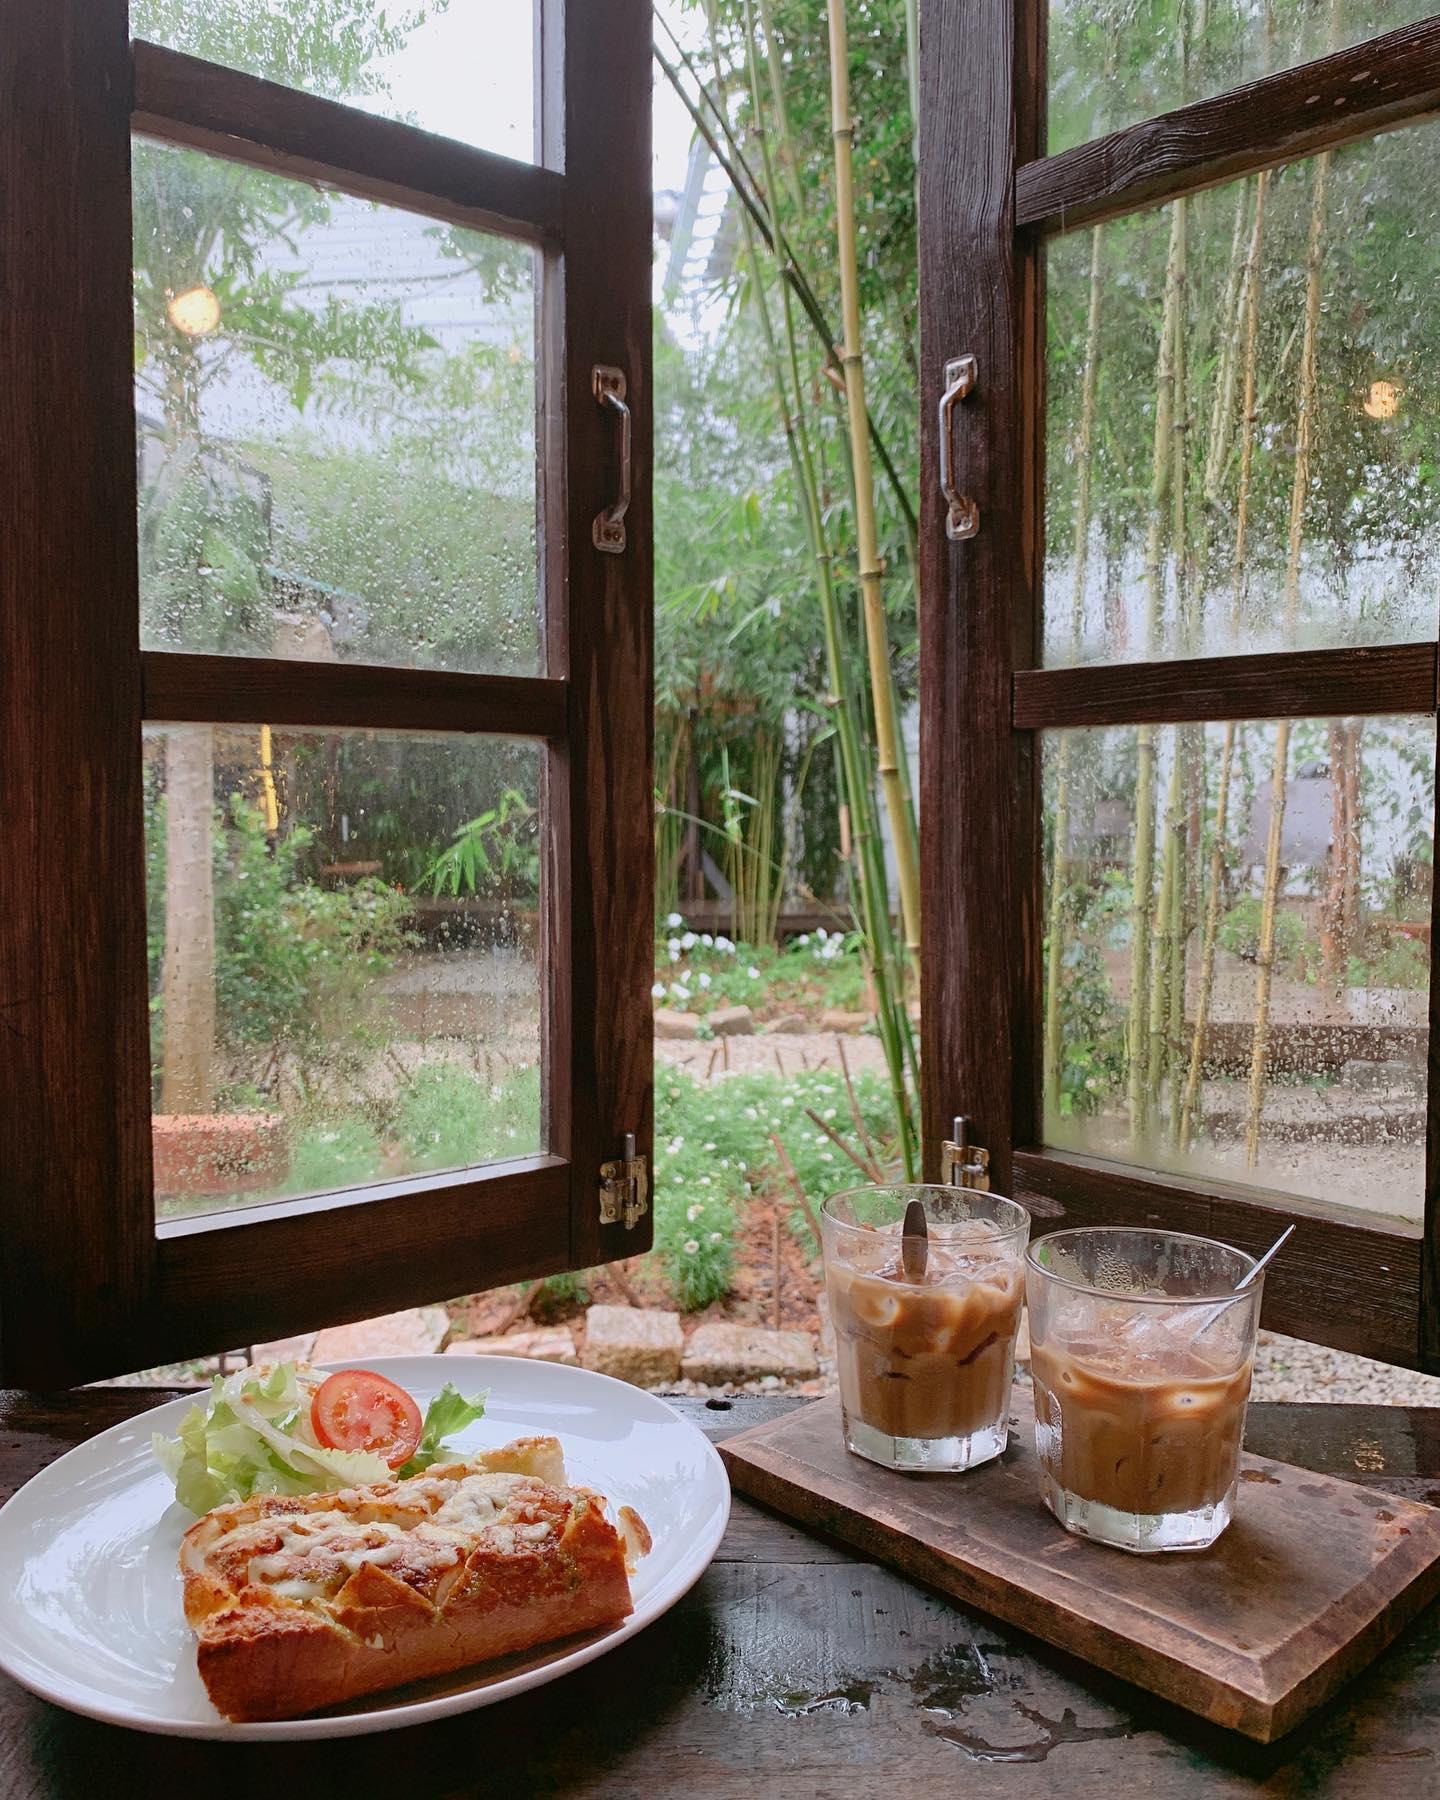 da-lat-still-cafe-da-lat-21